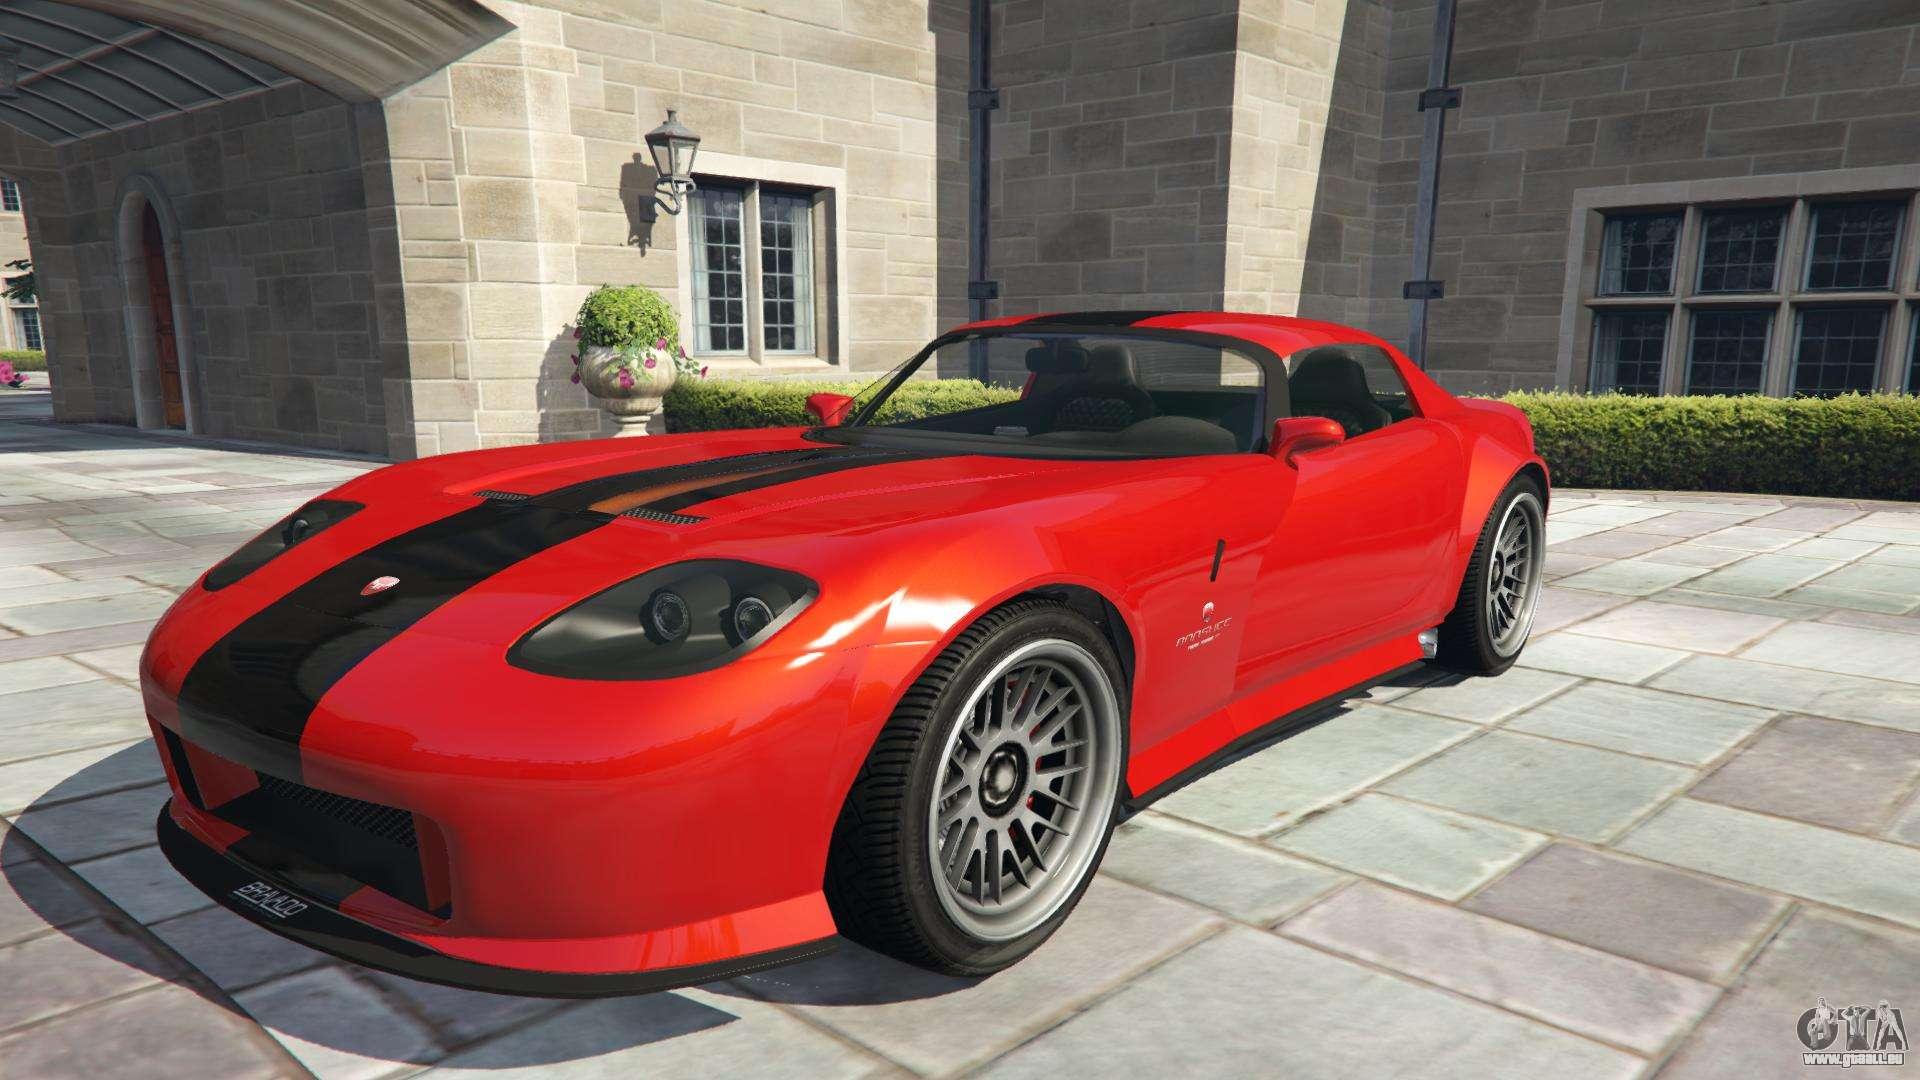 Draufgängertum Banshee aus GTA 5 - Frontansicht